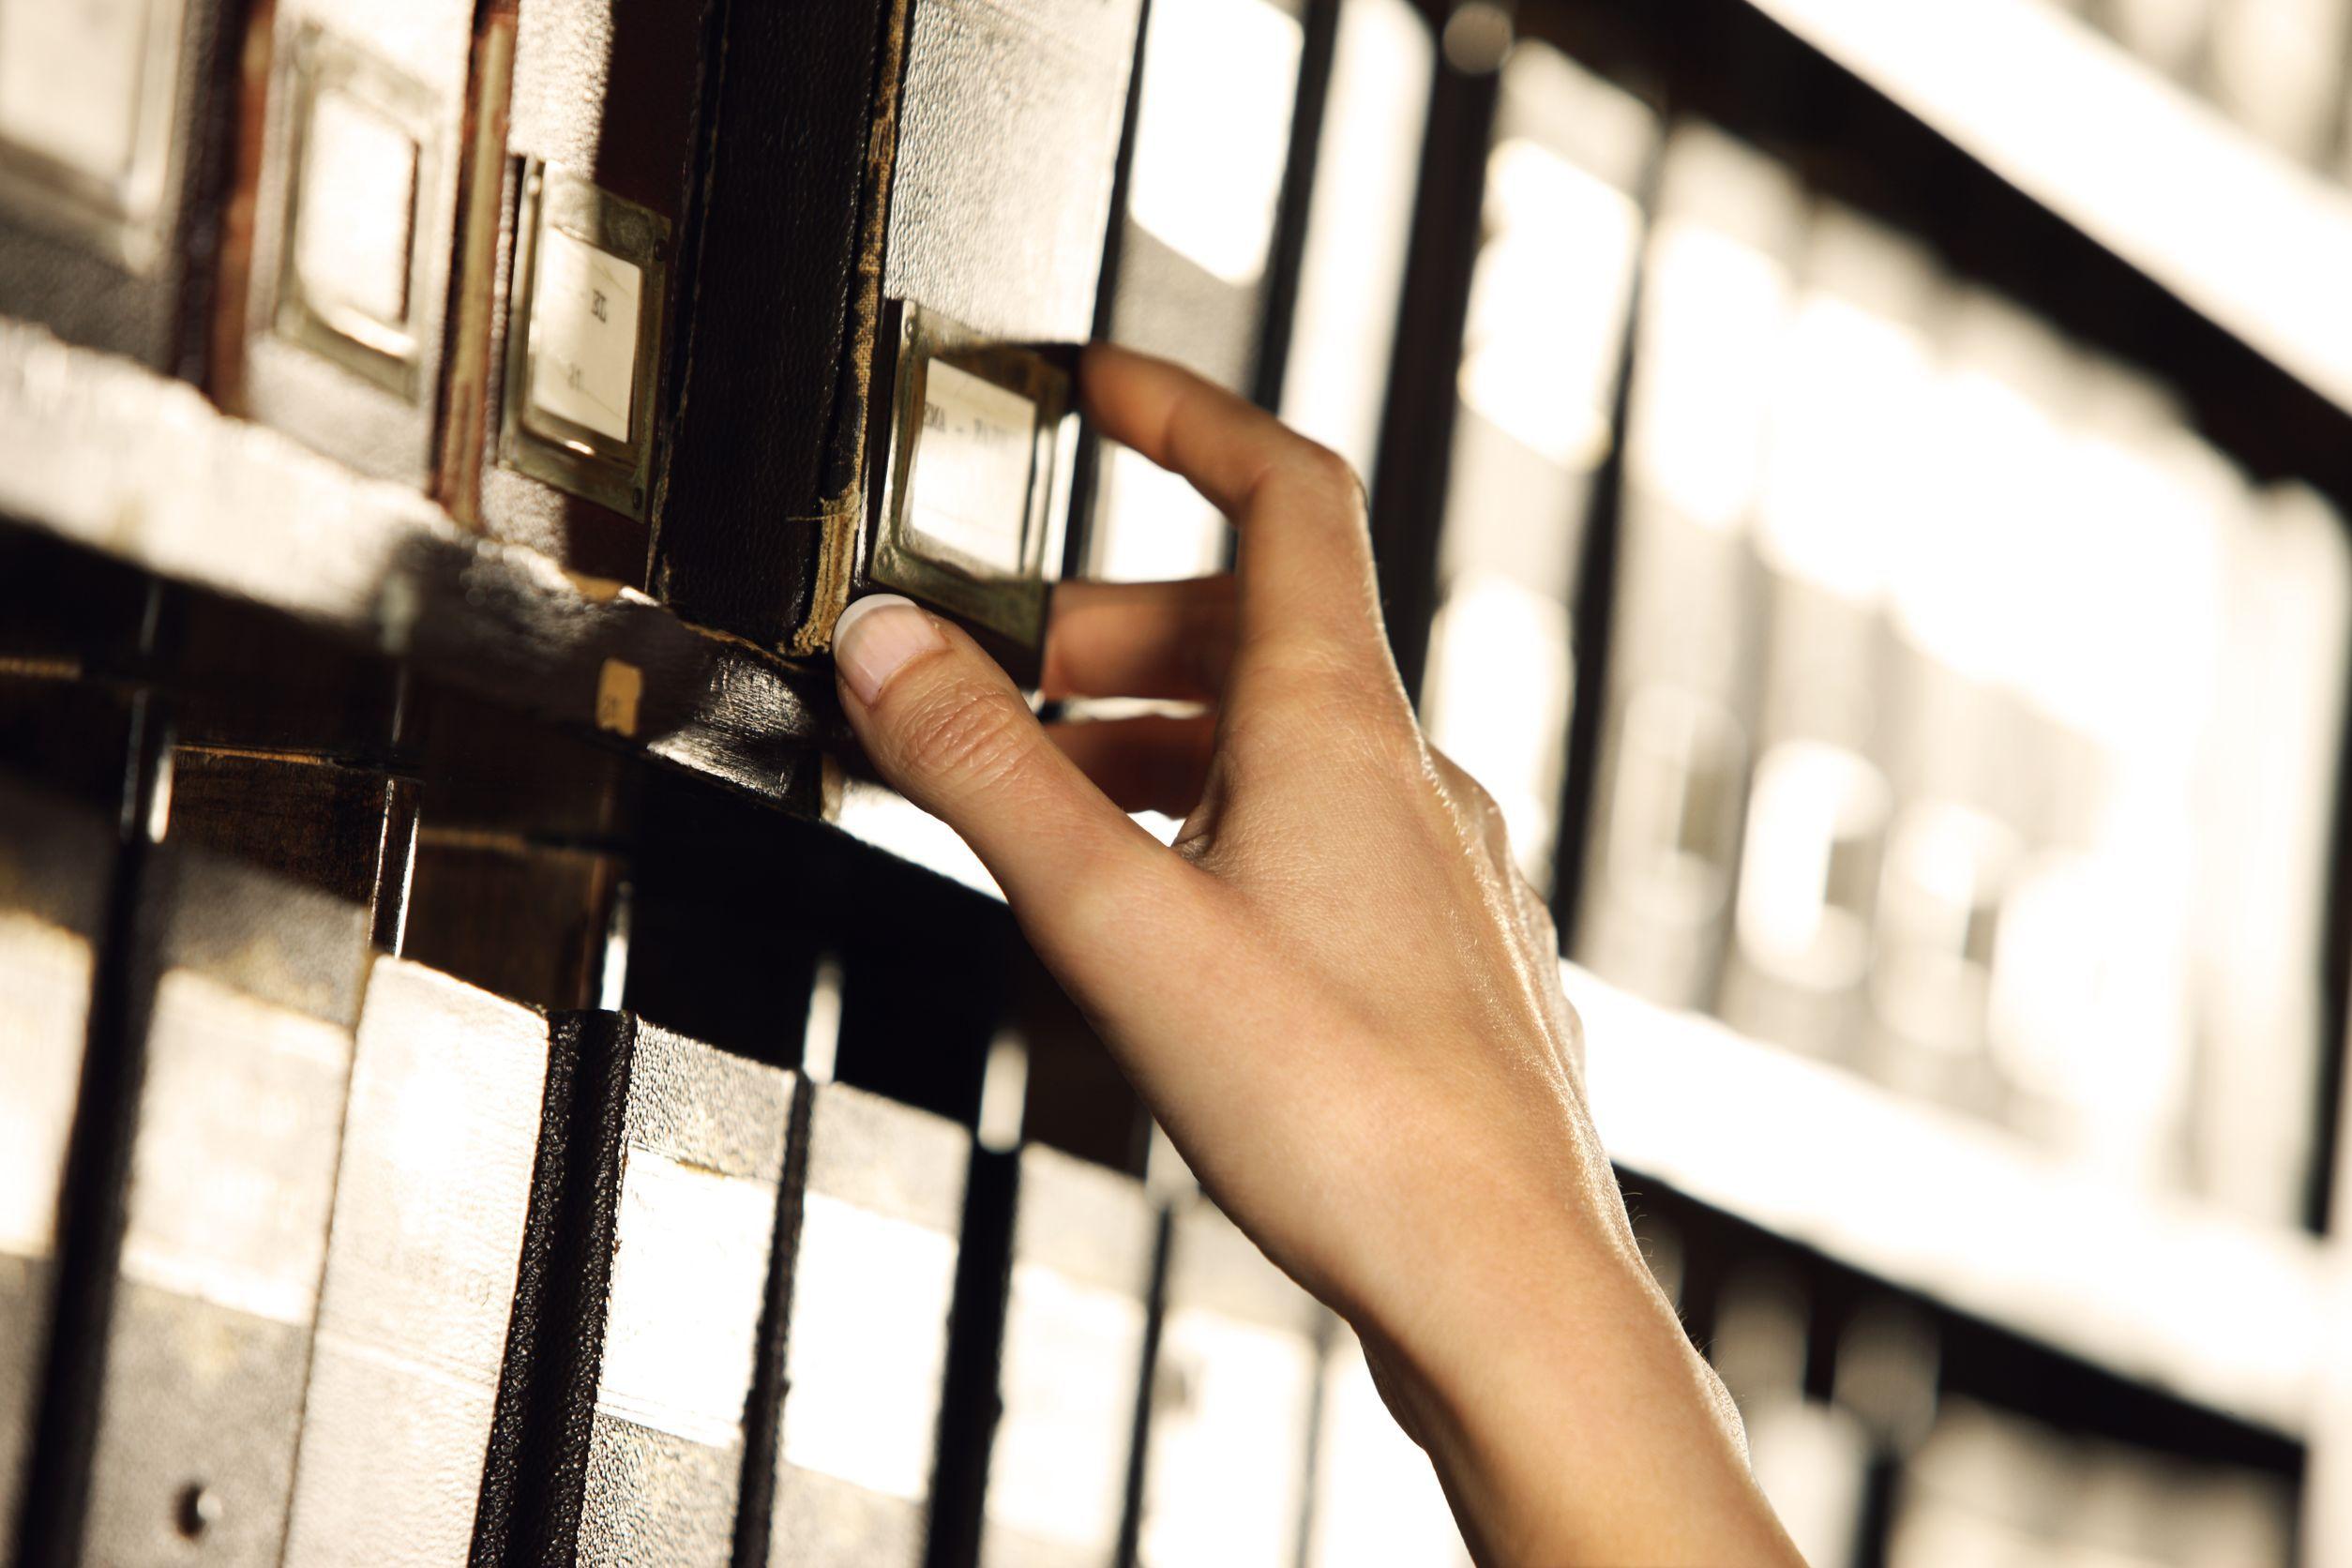 DIICOT a început urmărirea penală in rem în dosarul privind arhiva SIPA